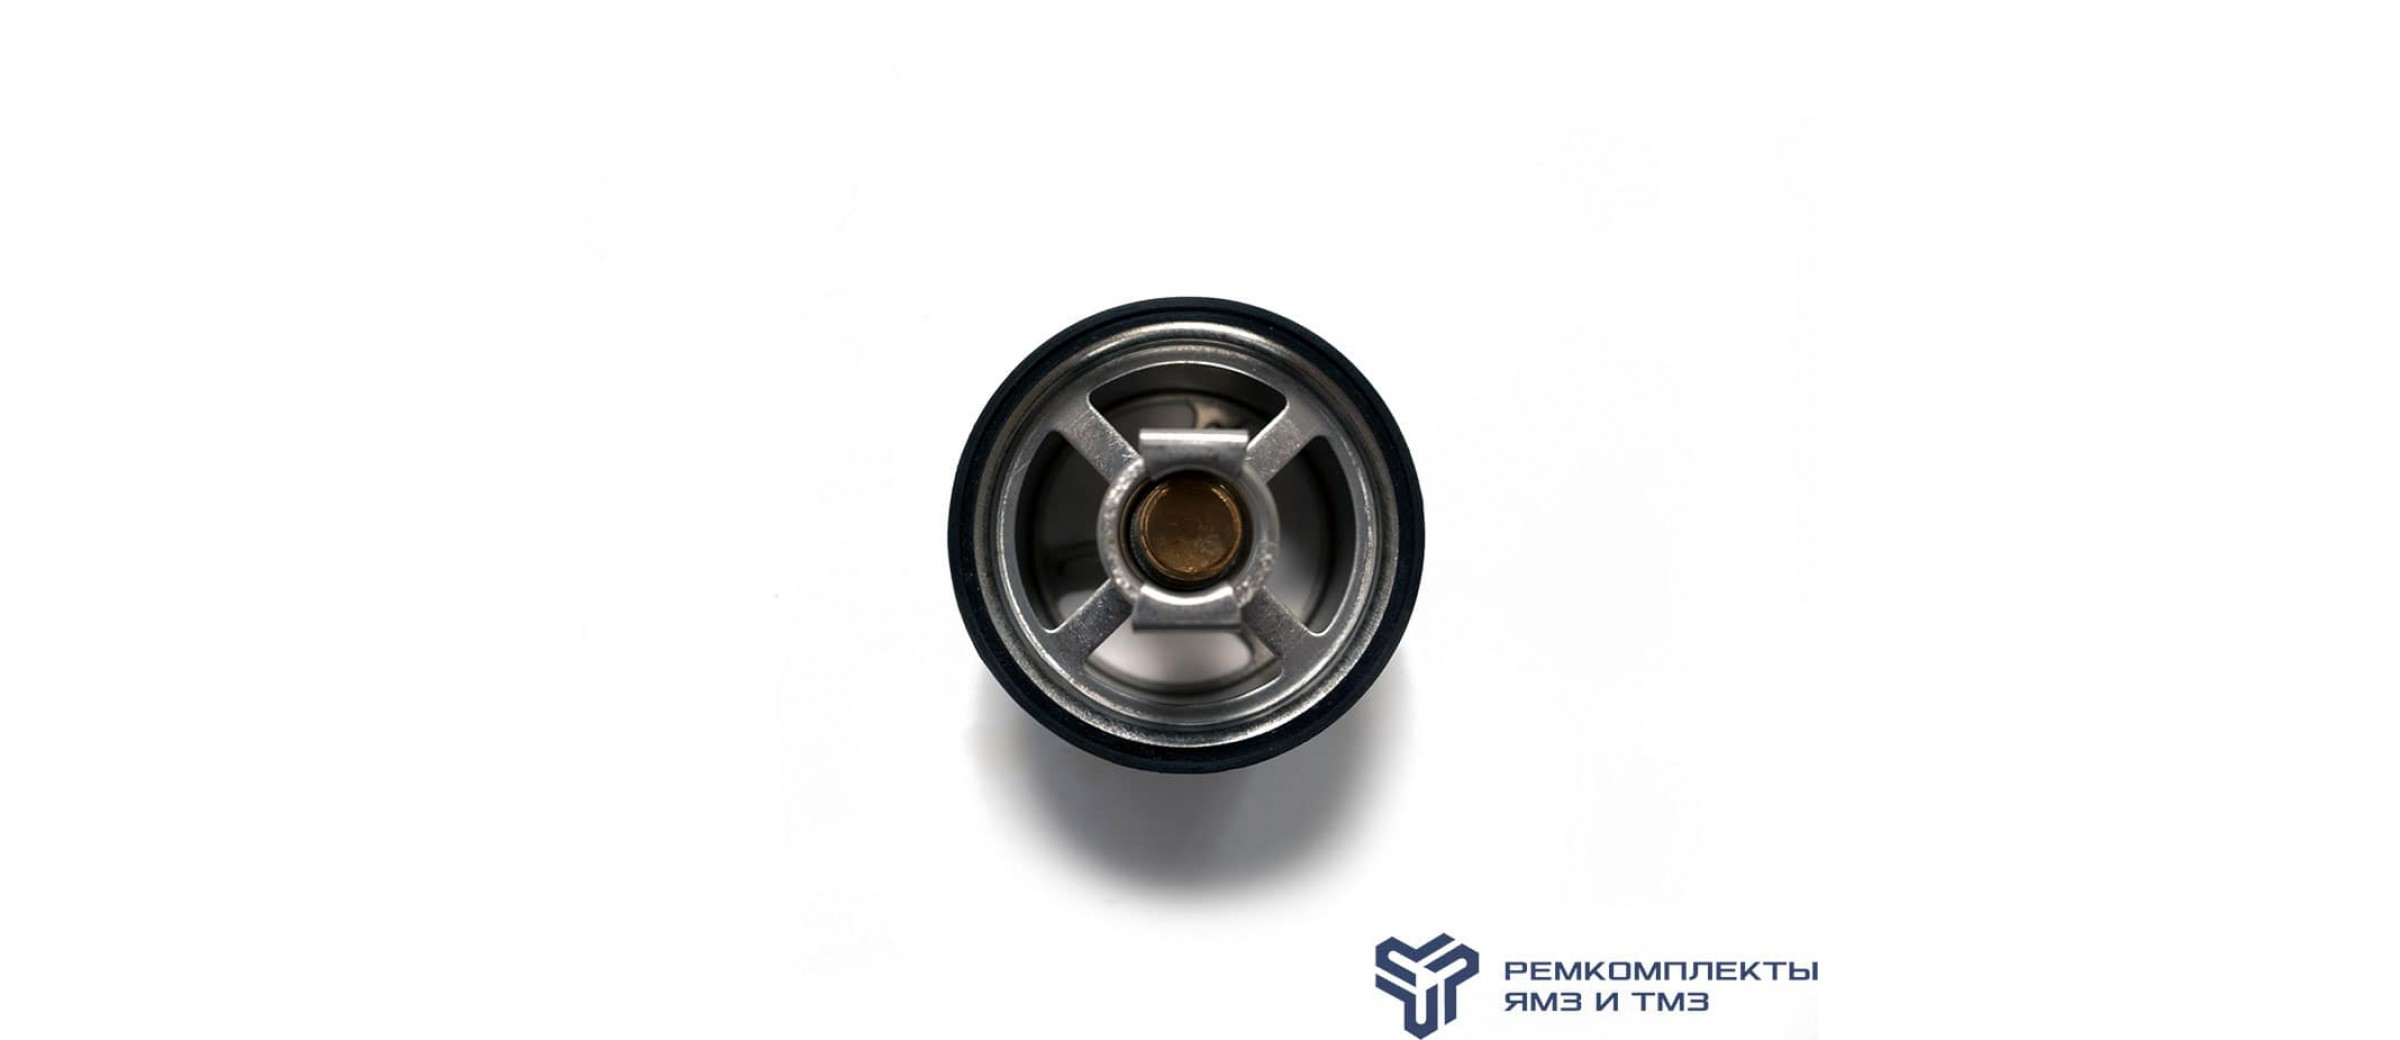 Ремкомплект системы охлаждения двигателя ЯМЗ-650 (термостат)